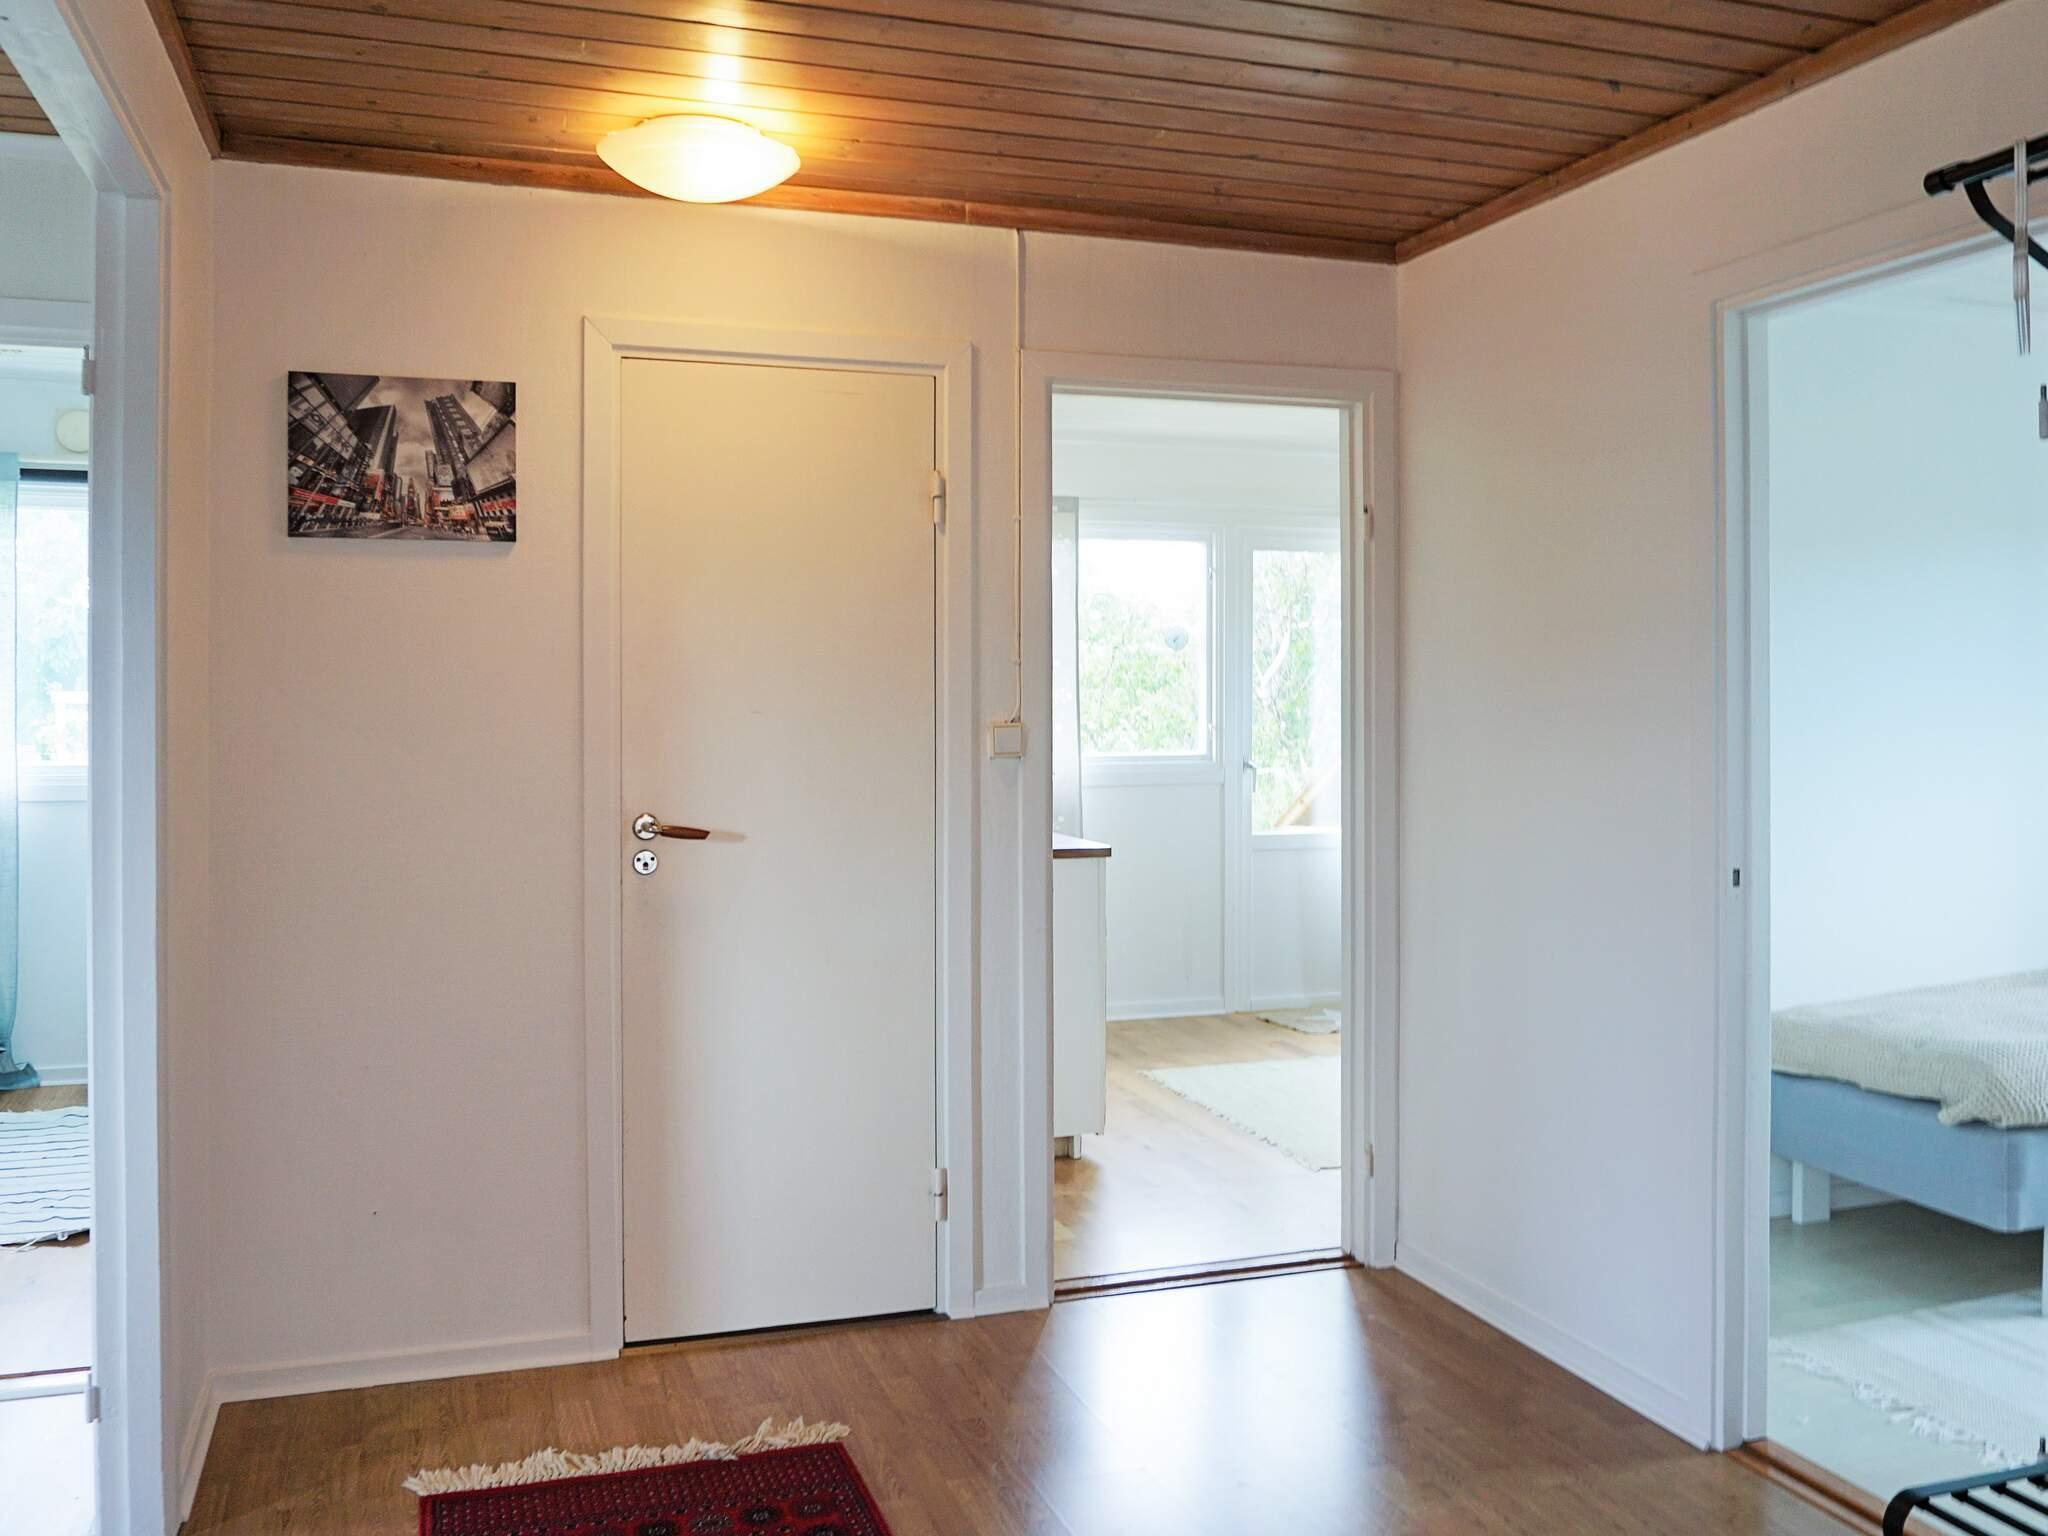 Ferienhaus Väjern (2636847), Kungshamn, Västra Götaland län, Westschweden, Schweden, Bild 6